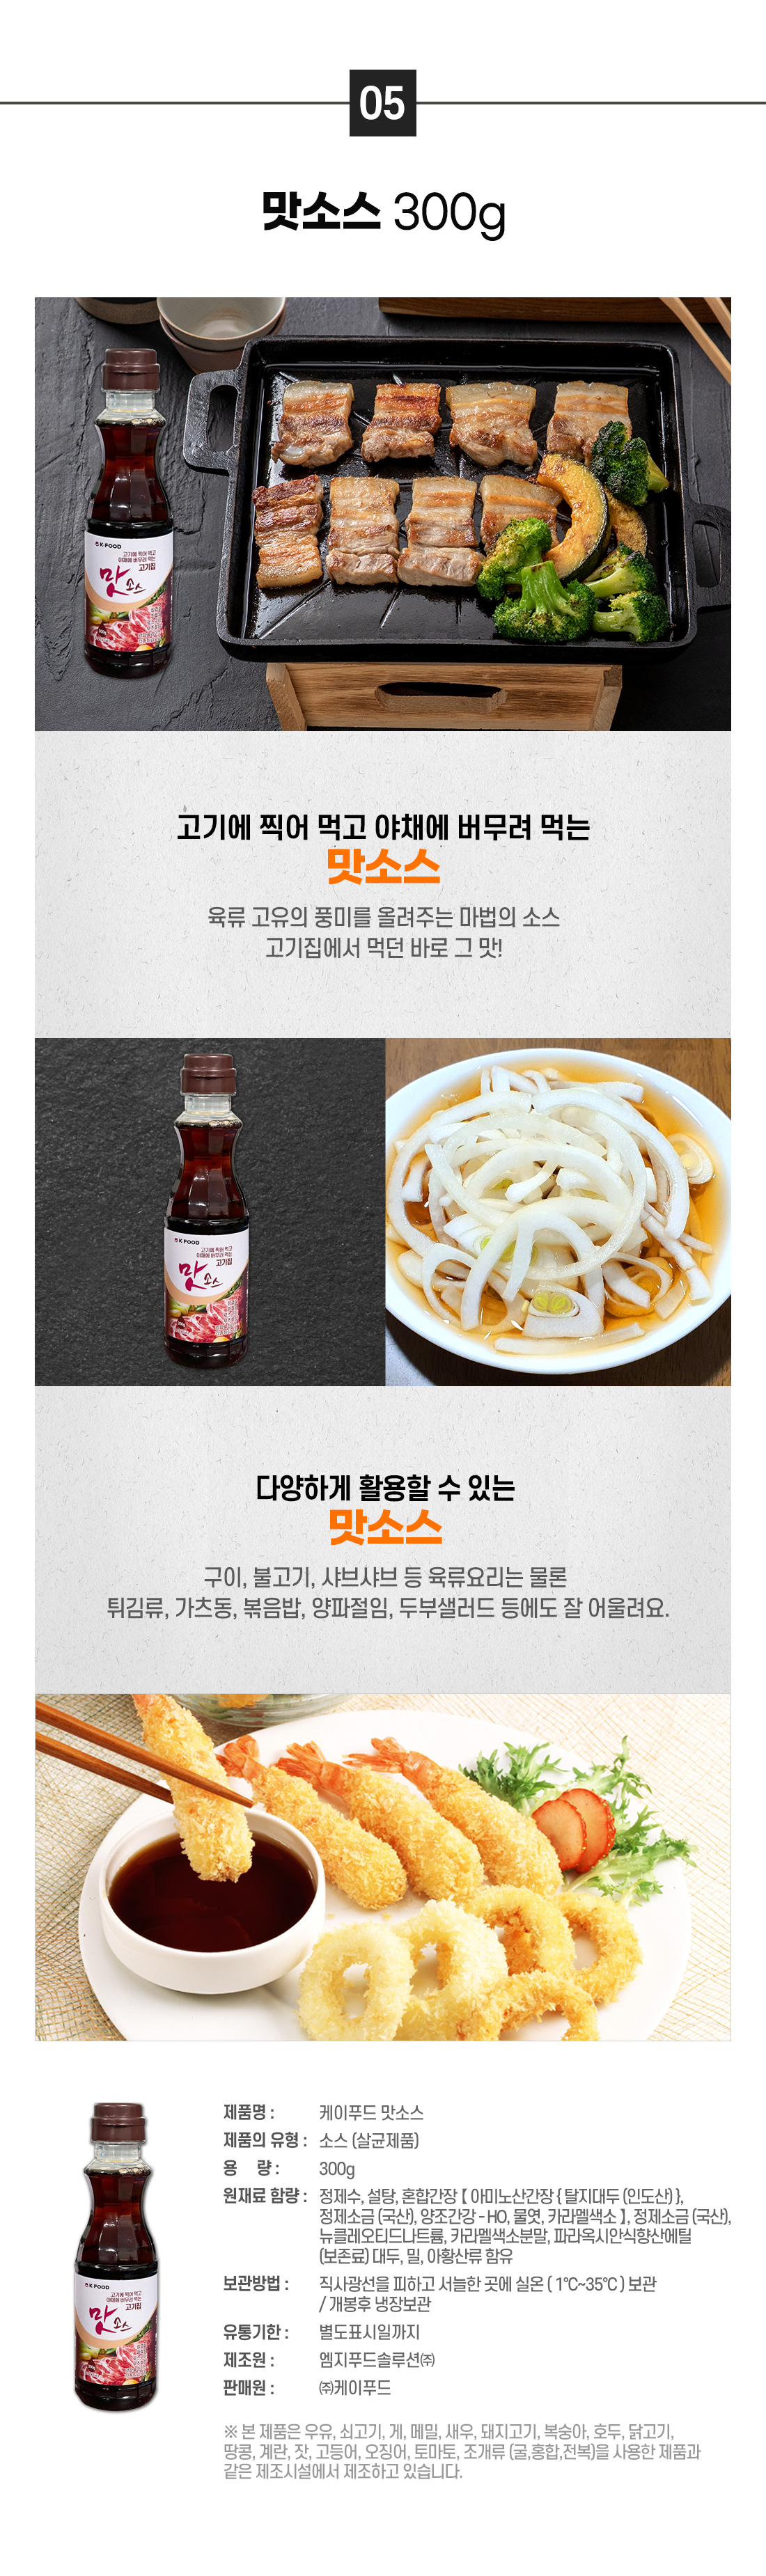 버터 후레시 10g x 10개